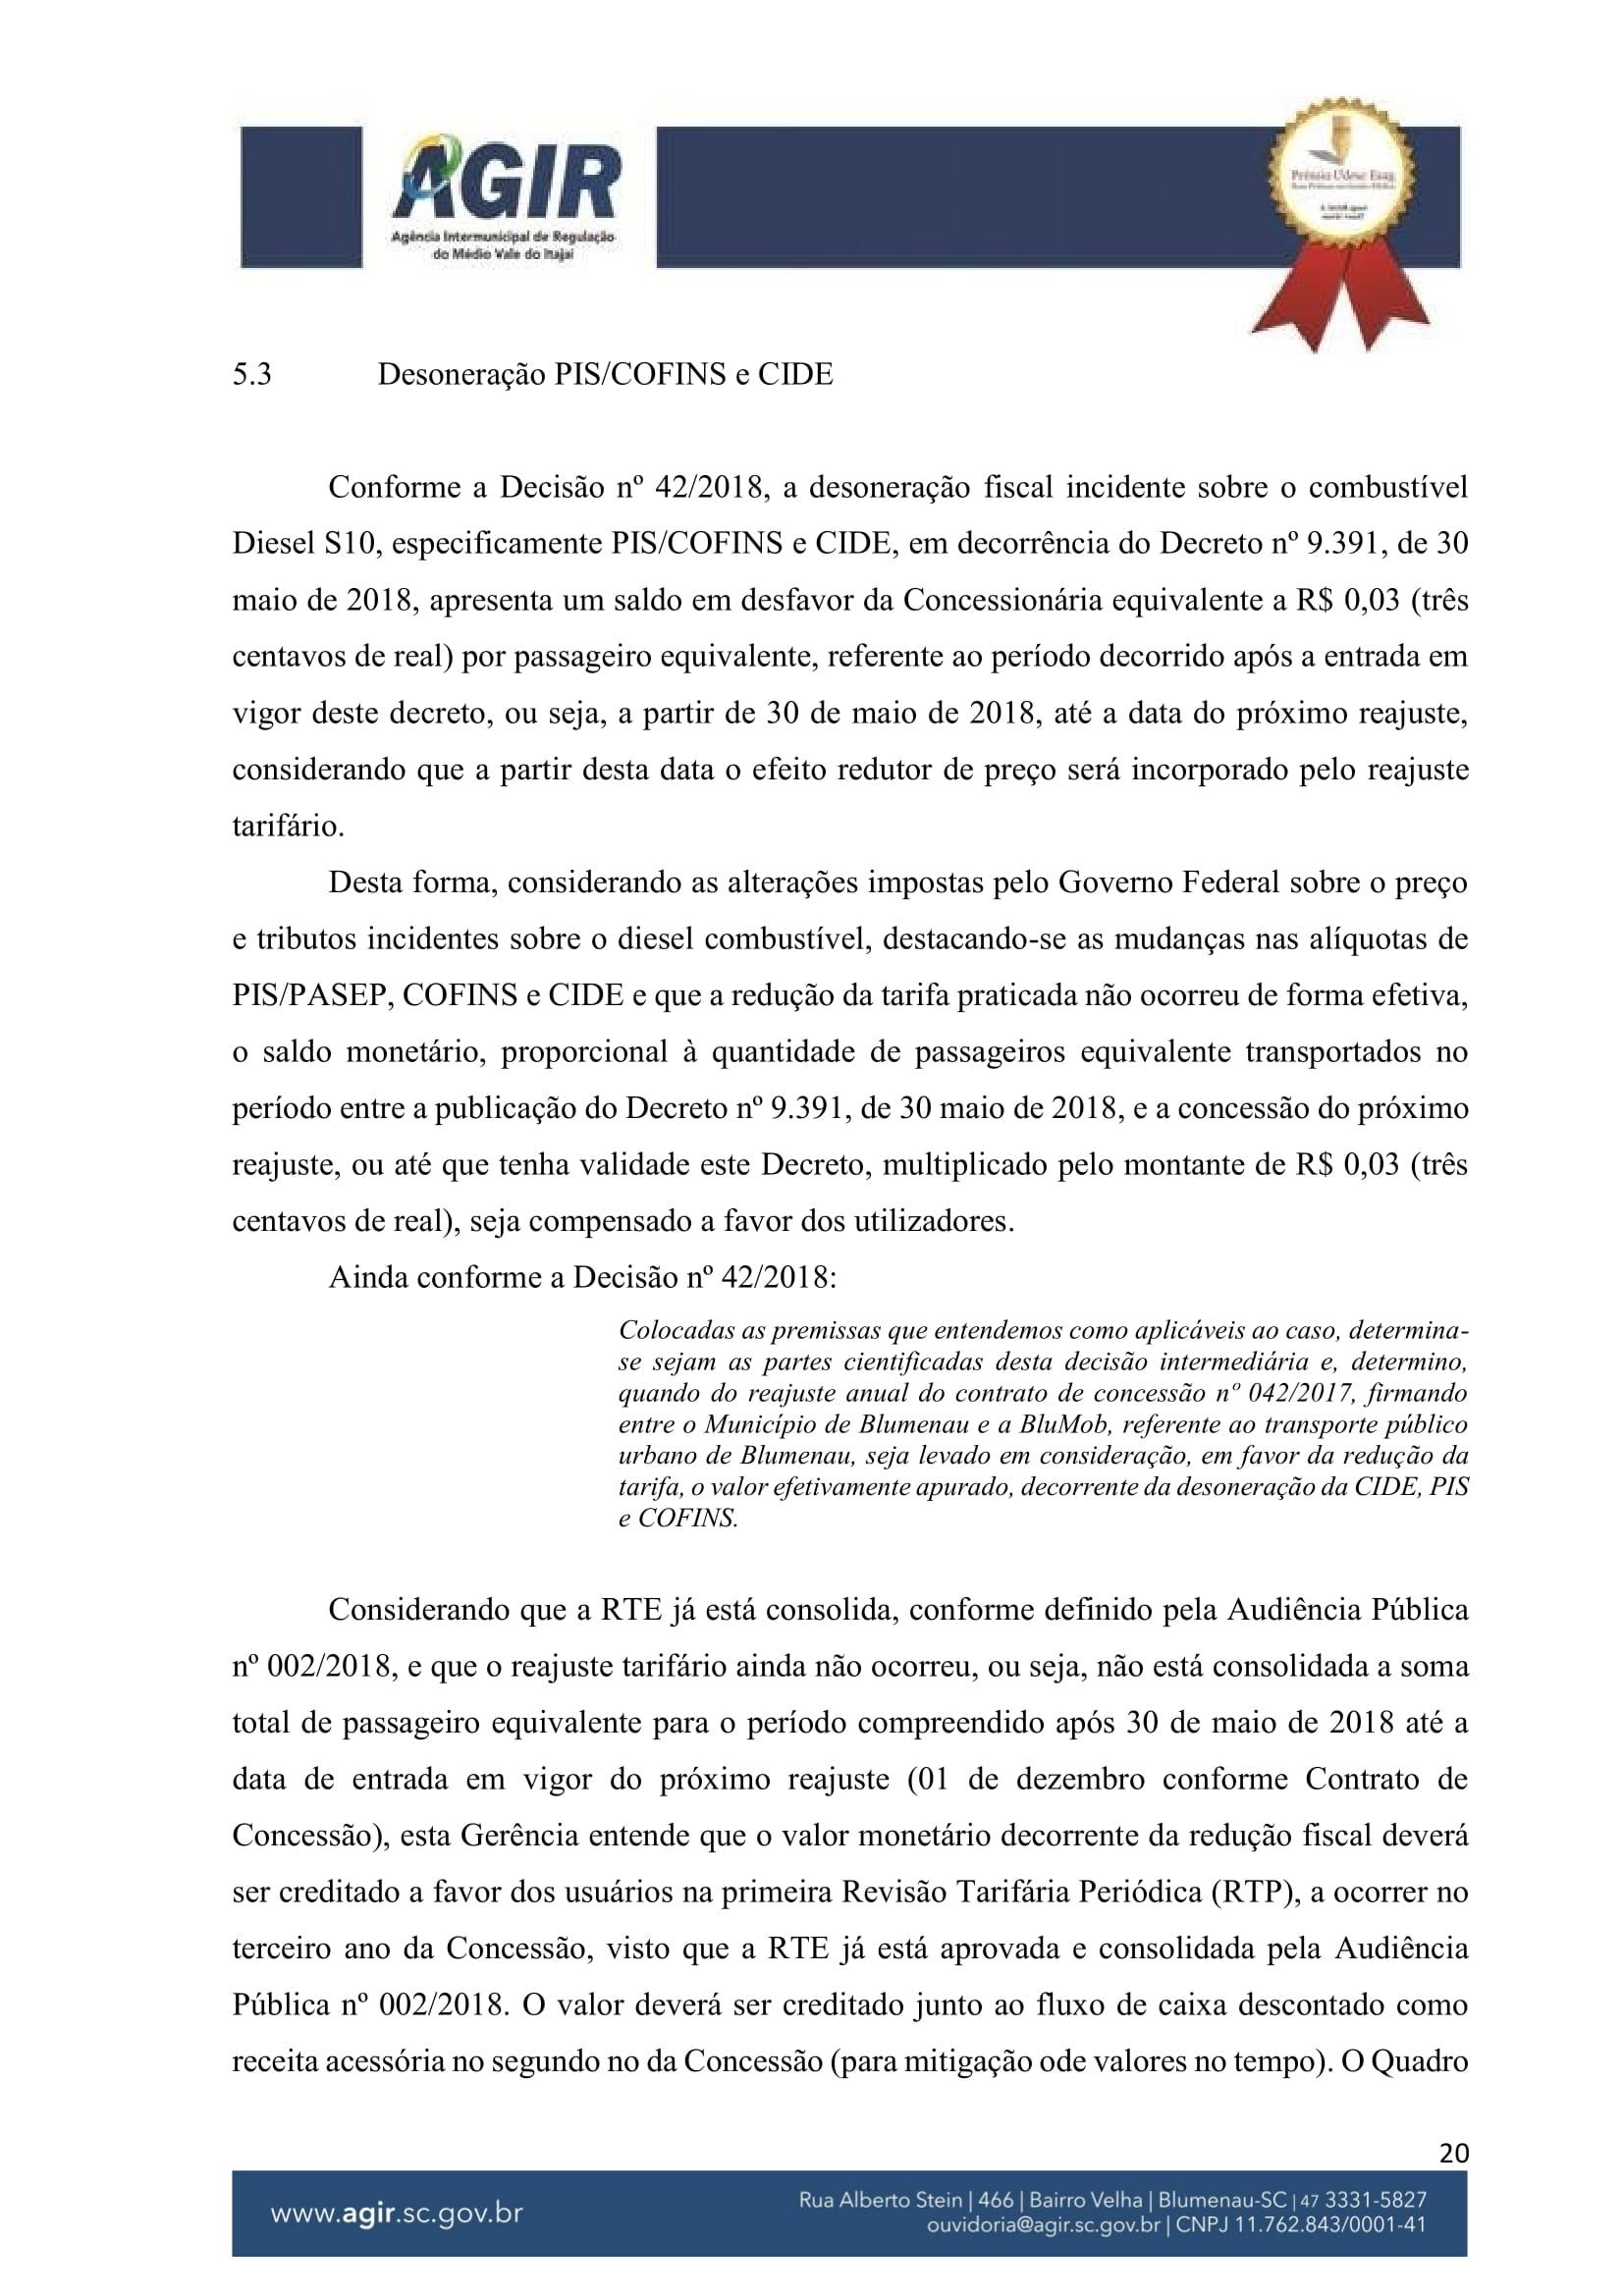 Parecer Administrativo nº 70-2018-20